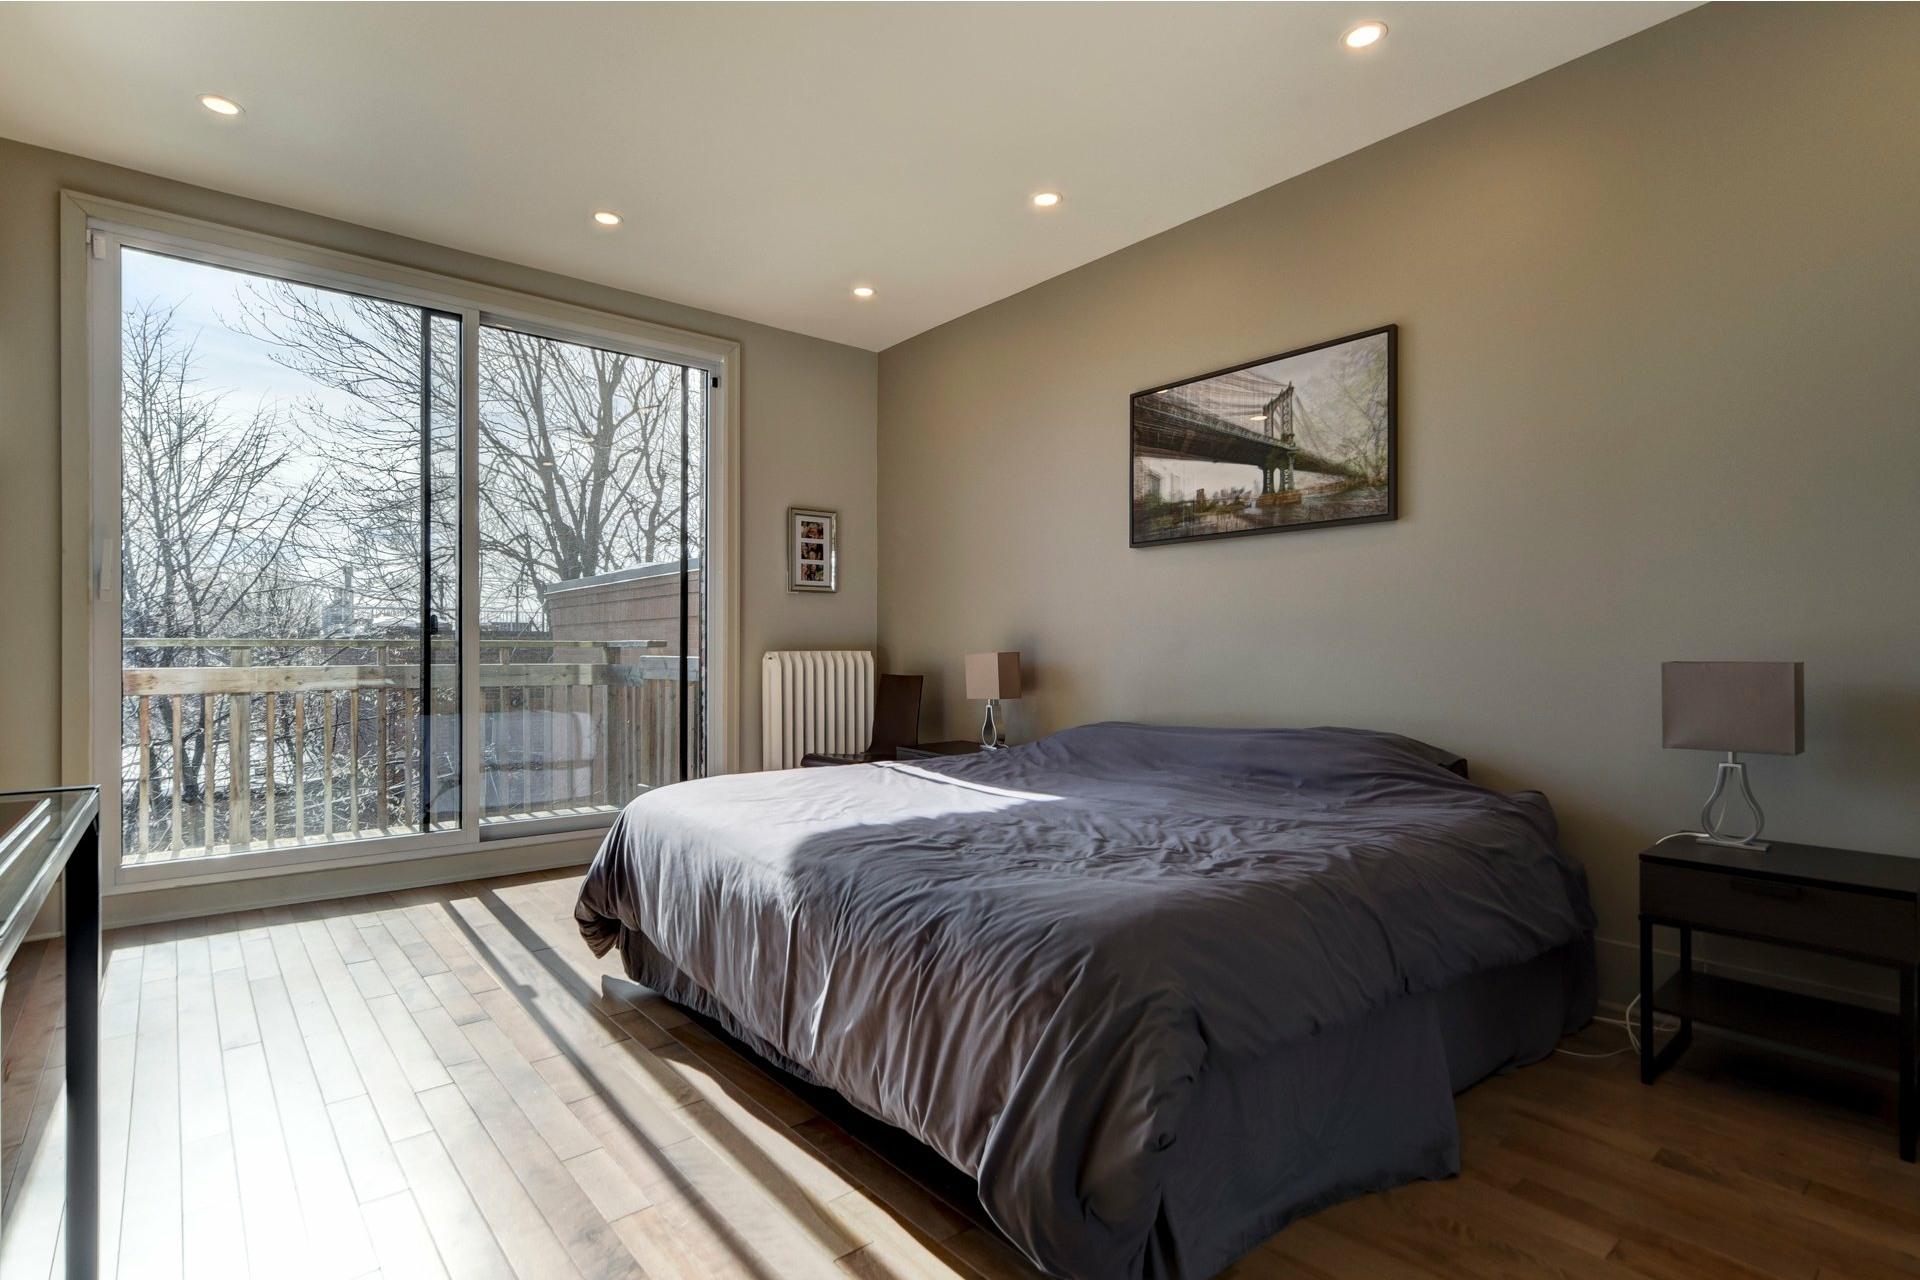 image 18 - Appartement À louer Côte-des-Neiges/Notre-Dame-de-Grâce Montréal  - 10 pièces